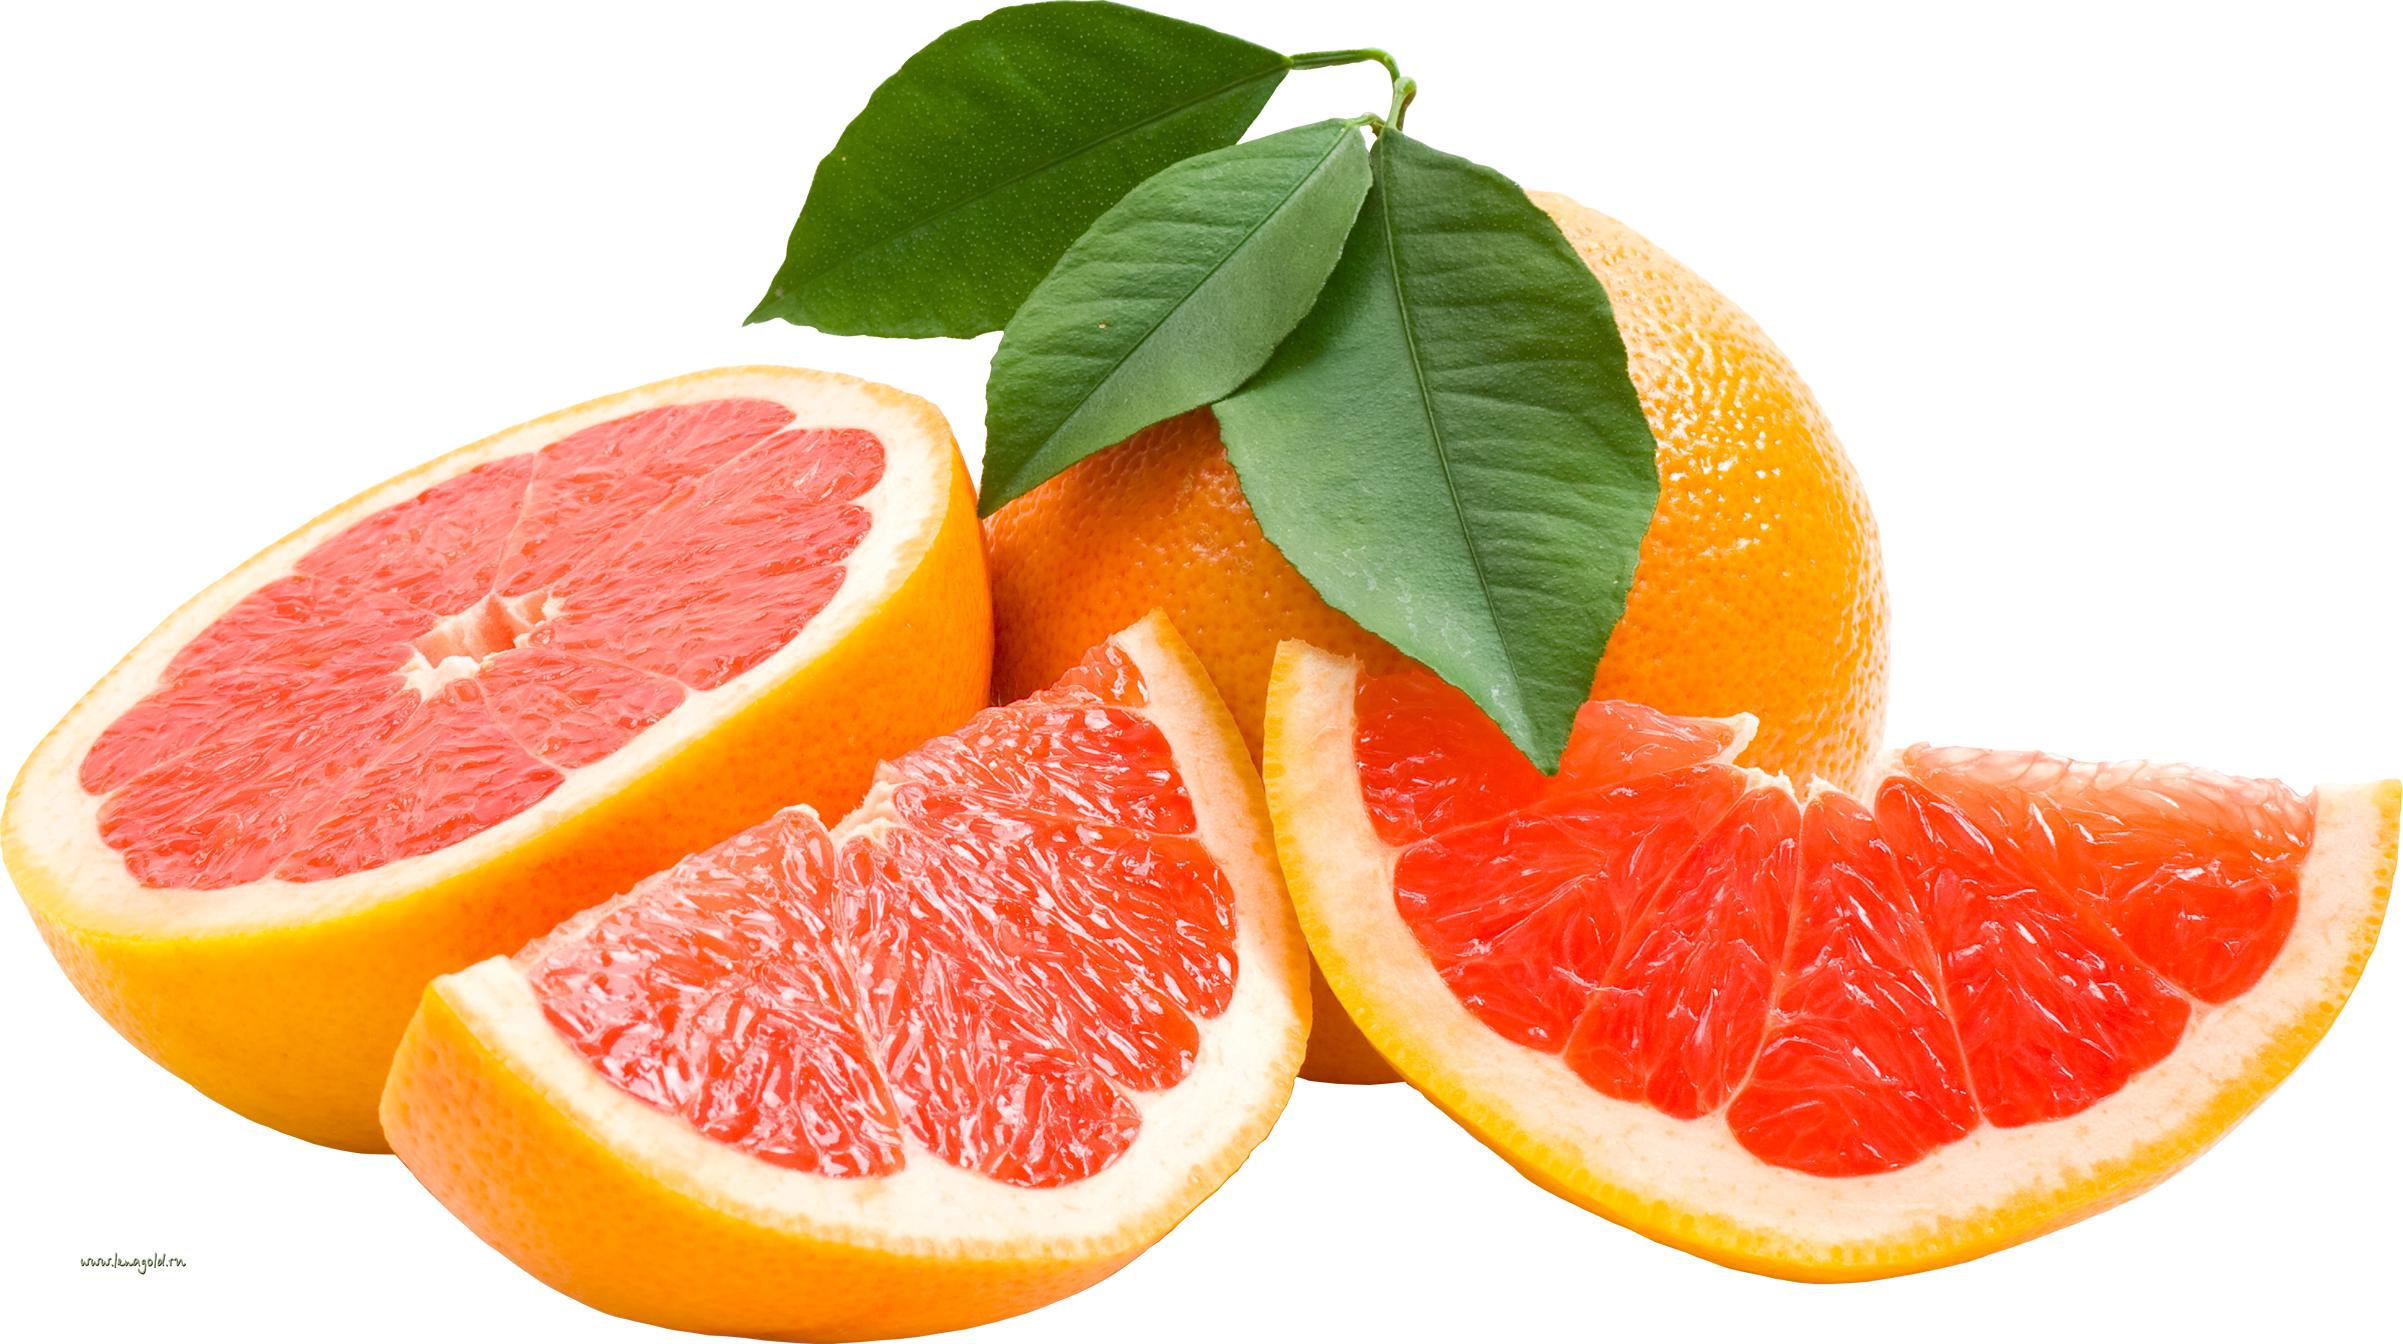 красный апельсин, фото, разрезанный апельсин, orange, скачать